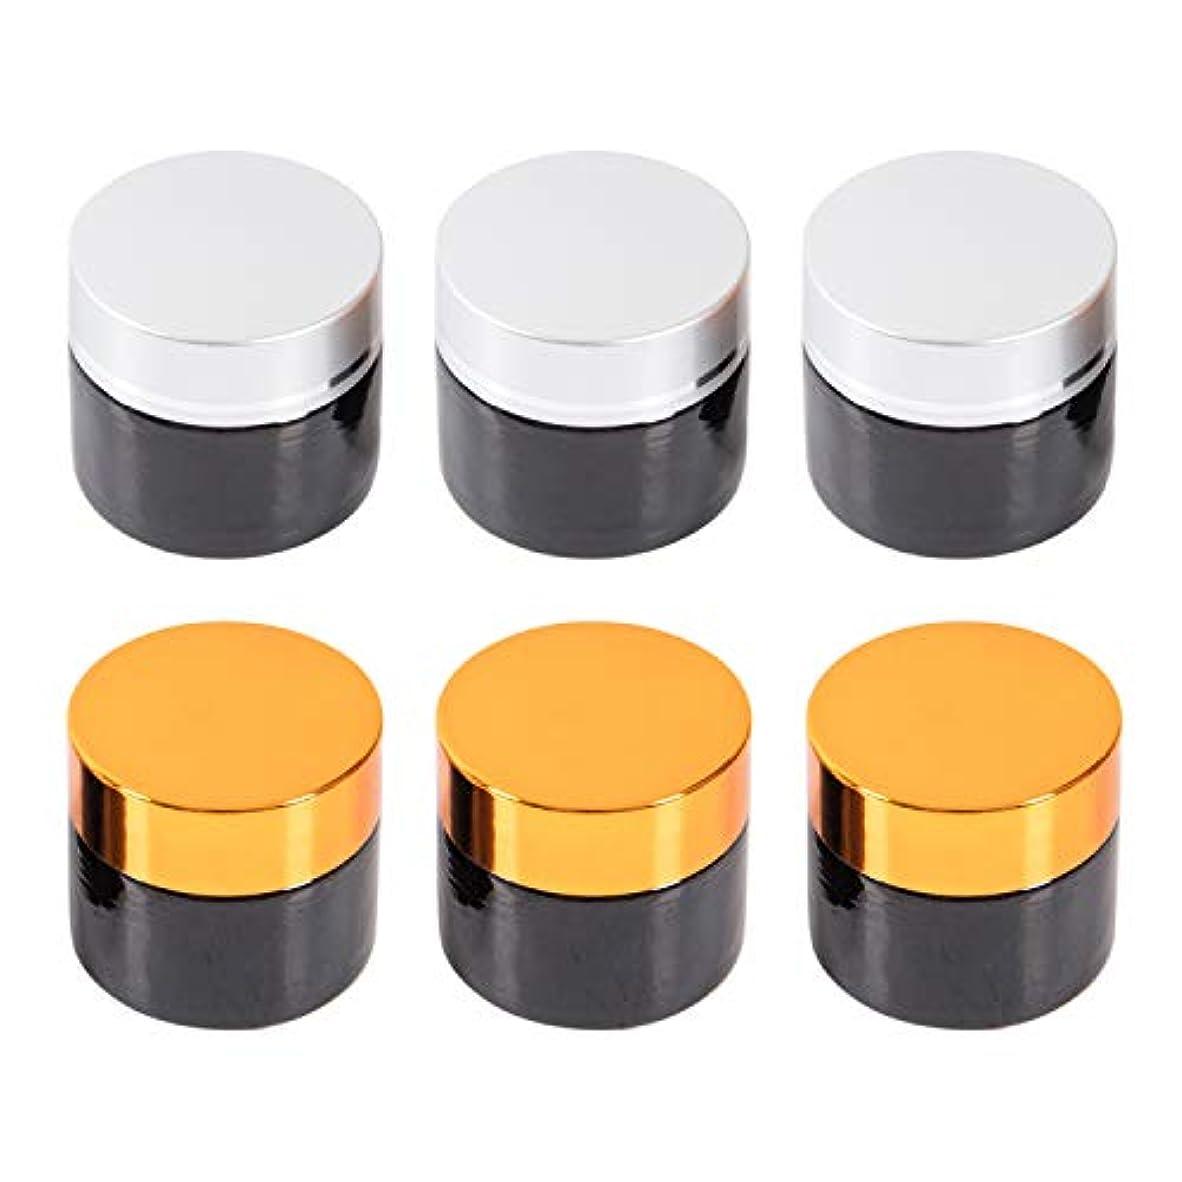 機械的国際鷲【Mythrite】 遮光瓶 クリーム容器 ガラス 容器 ハンドクリーム アロマクリーム 保存 詰替え ブラウン シルバー ゴールド 10g 6個セット